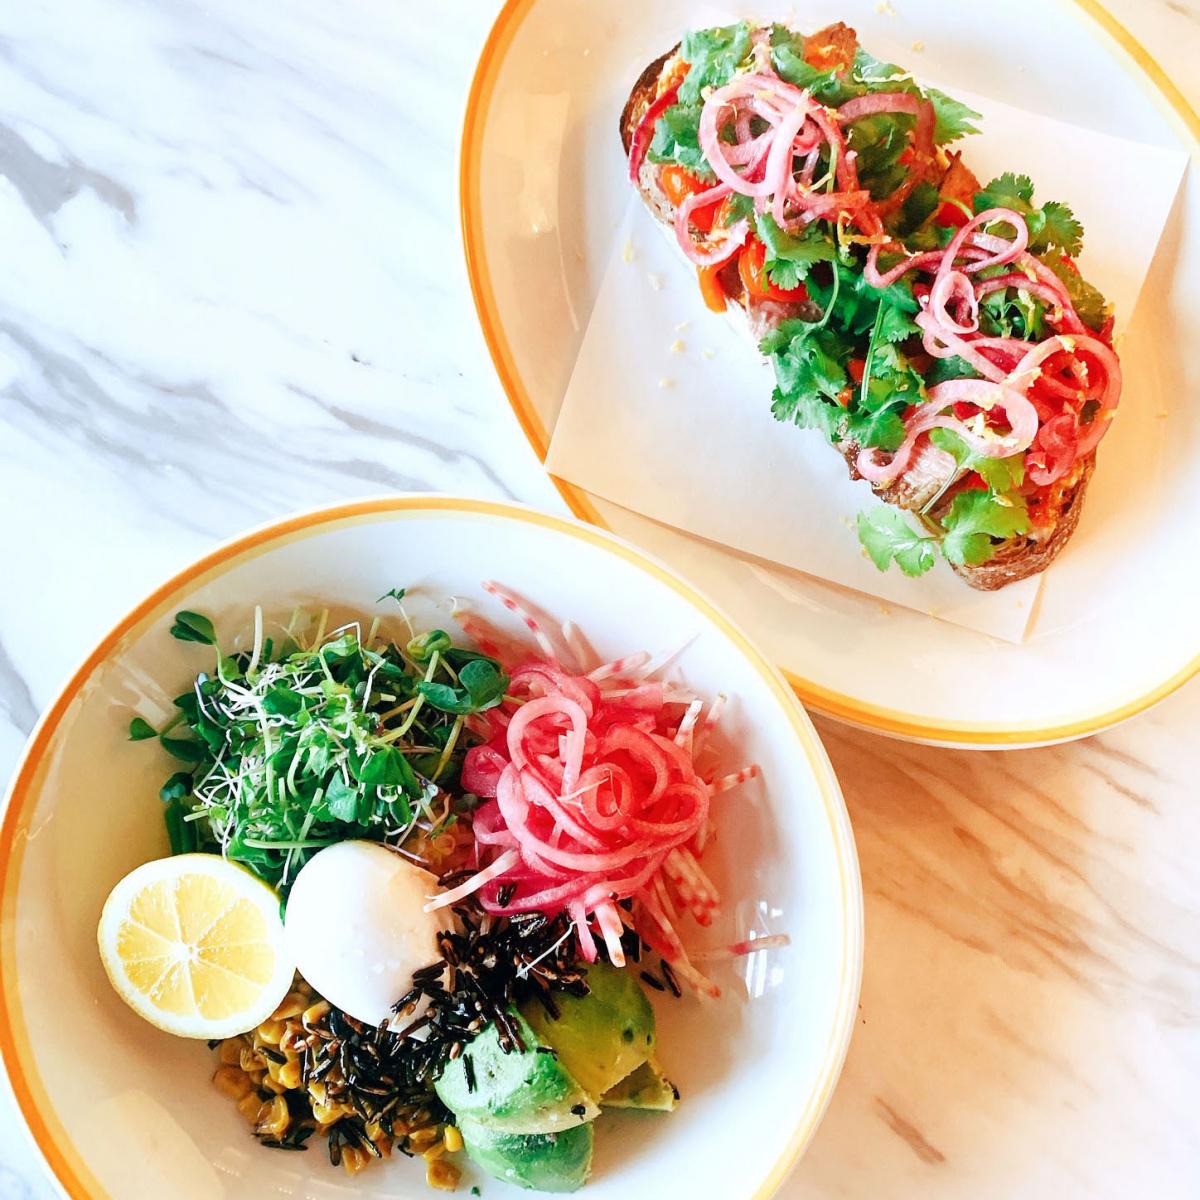 左:ブレックファストサラダ、レモンのドレッシング 右:ステーキのオープンサンドイッチ